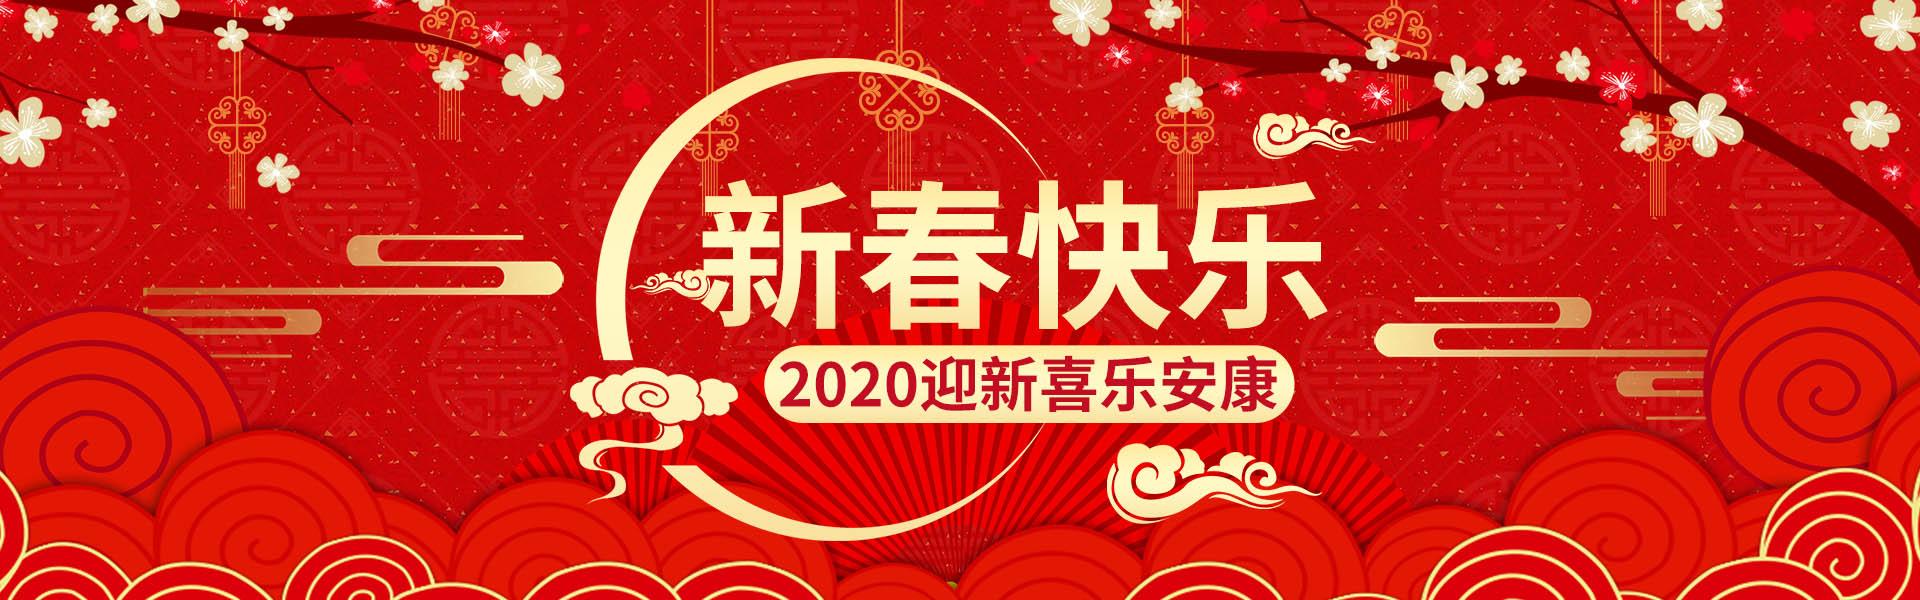 2020年新年祝福